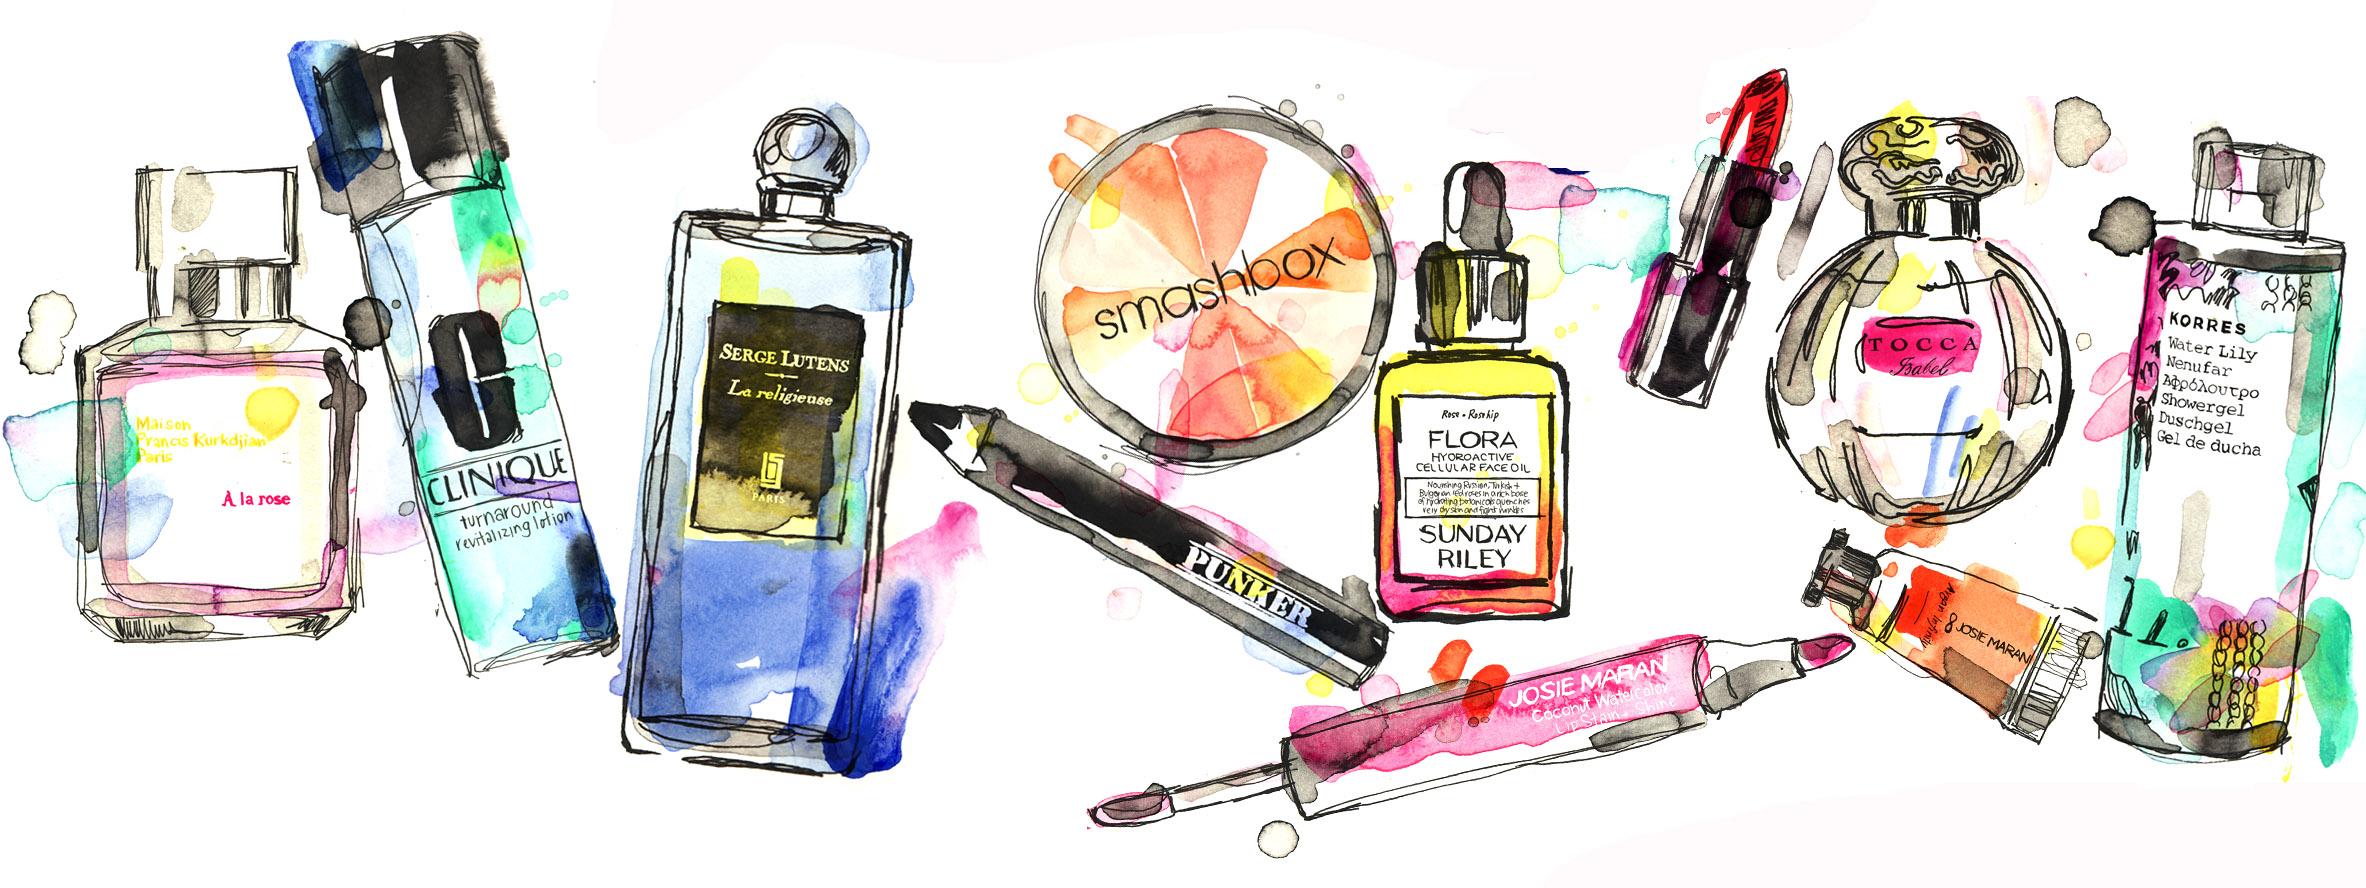 rebecca_wetzler_new_york_beauty_illustration_nylon_magazine_branding.jpg